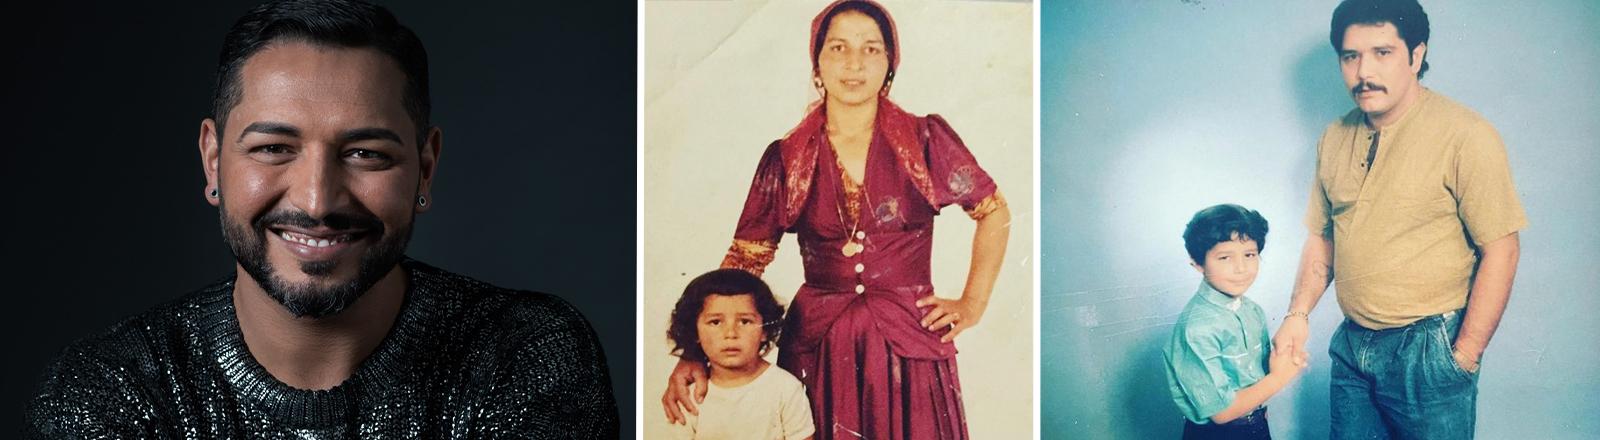 Links Bild eines Mannes mit dunklen Haare, der lächelt, rechts zwei alte Bilder, die den Mann als Jungen mit seinen Eltern zeigen